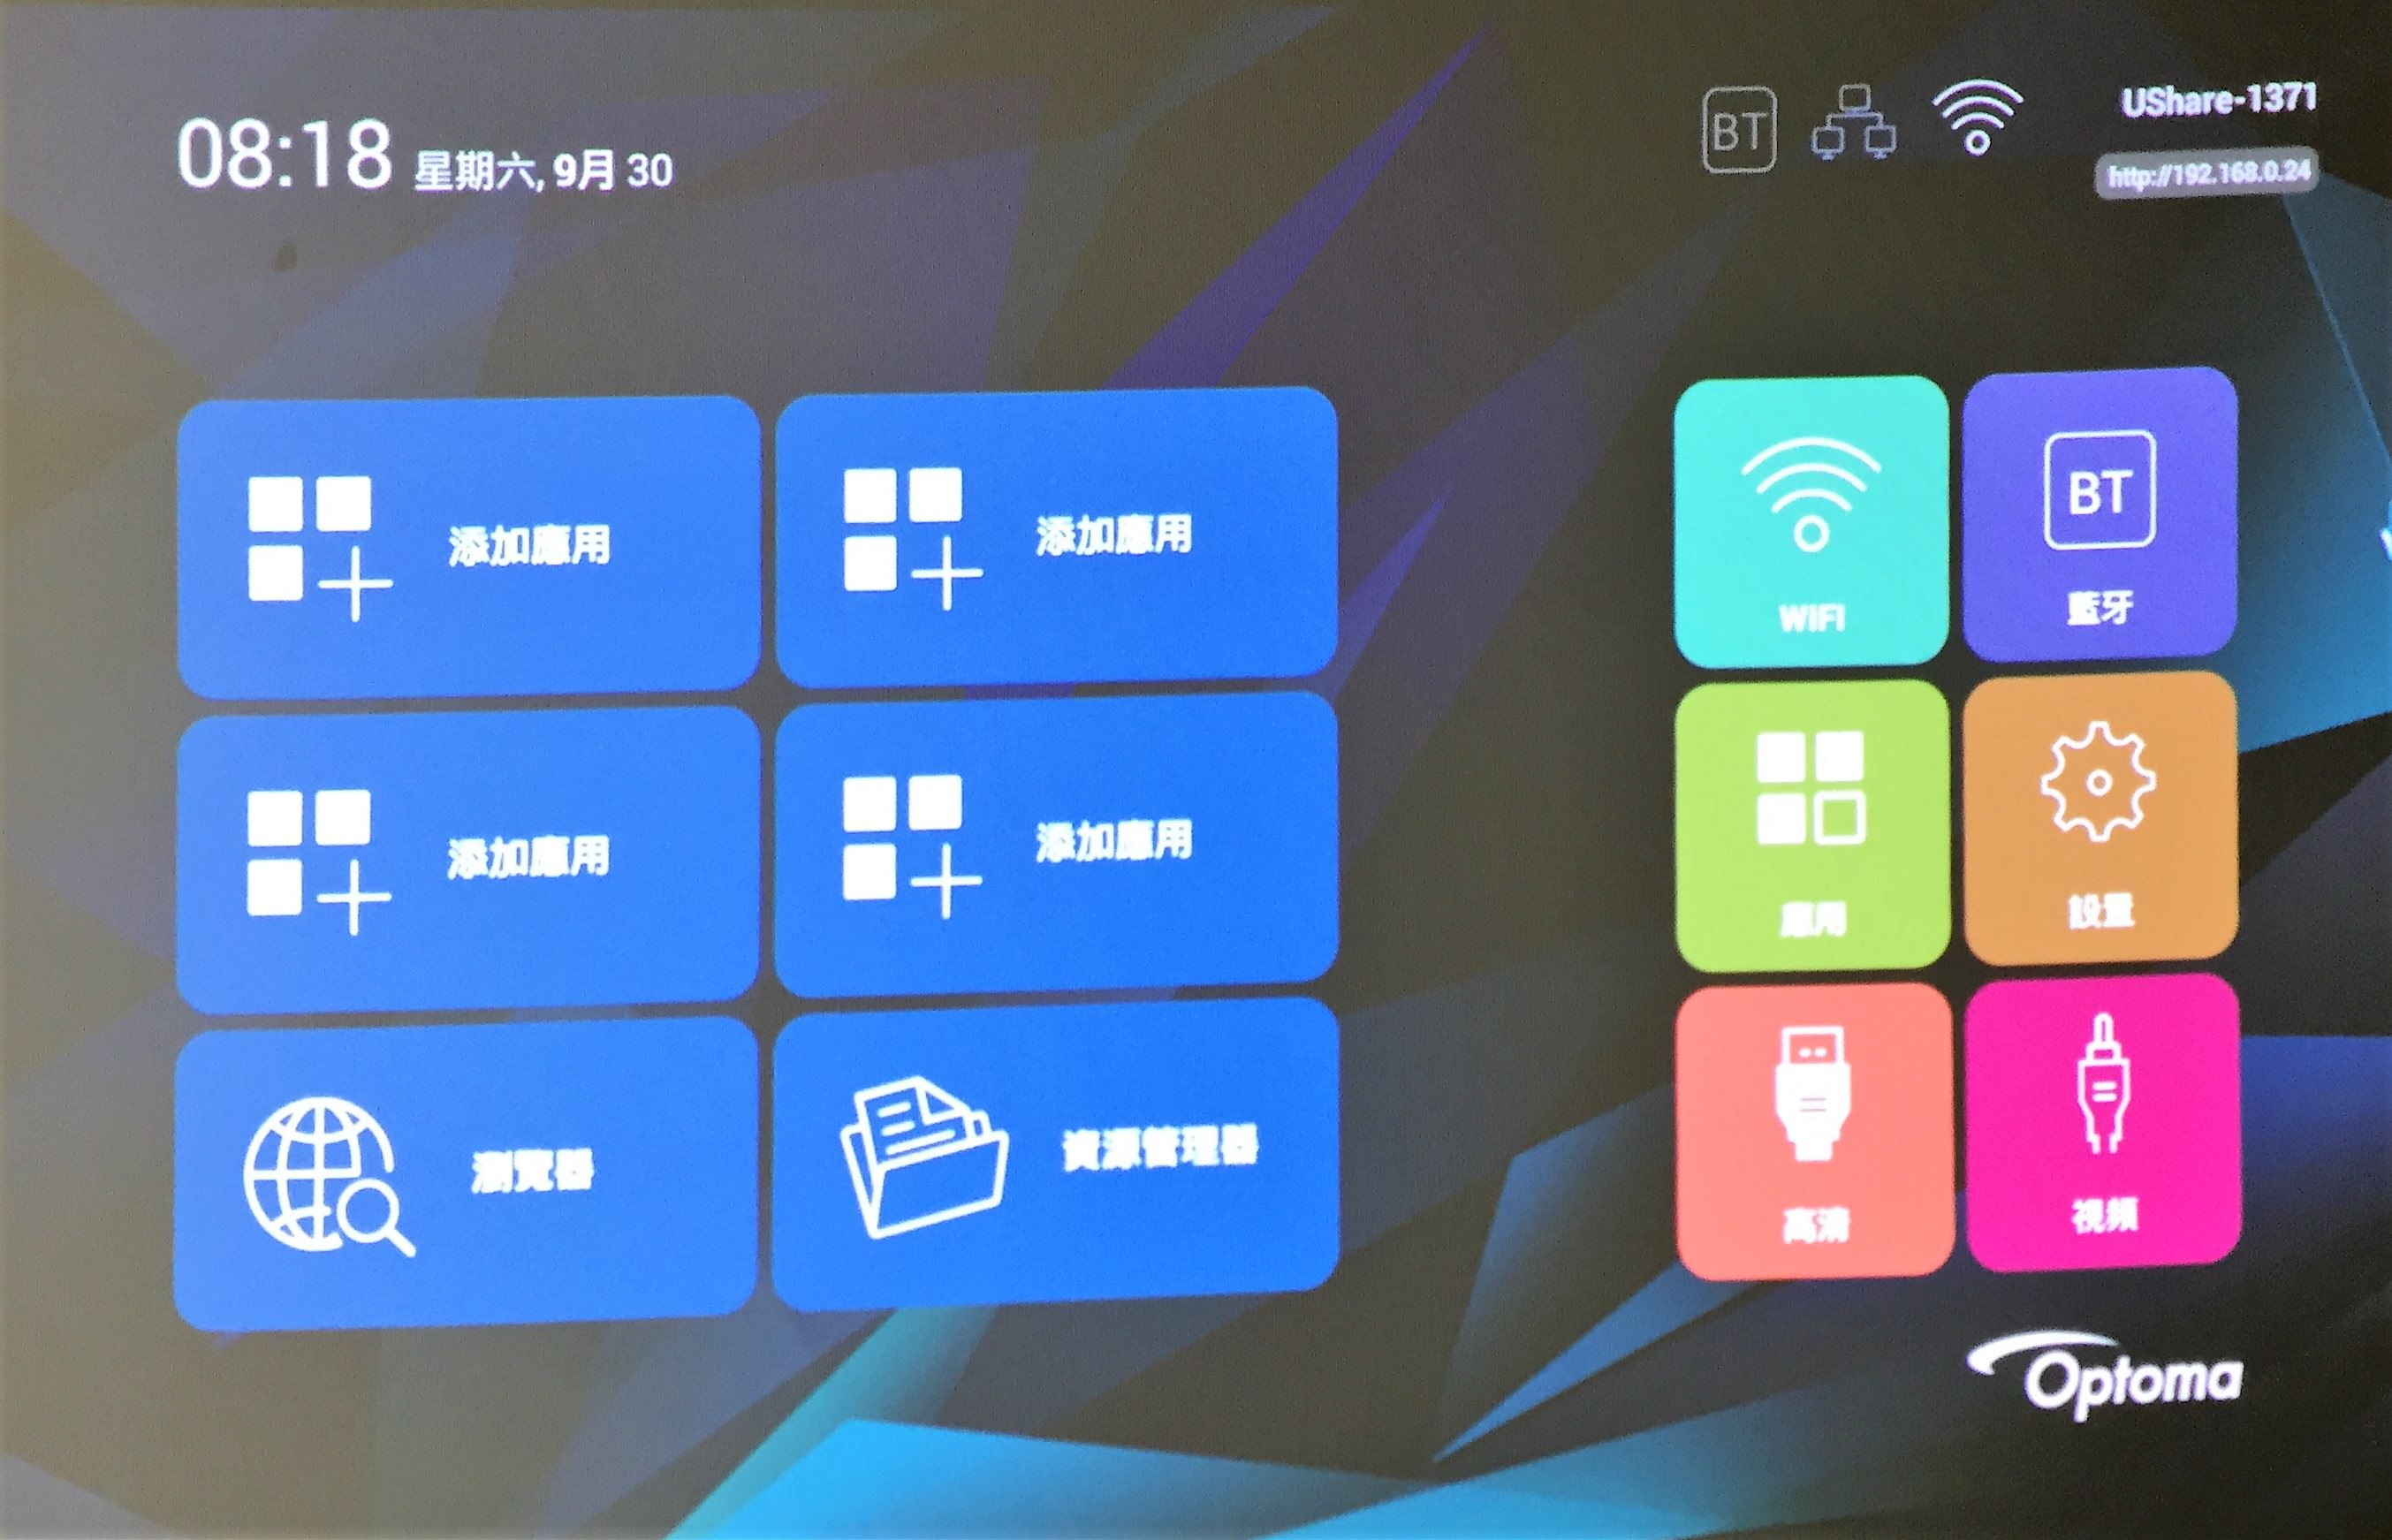 Optoma 奧圖碼 ML330 高清微型智慧行動投影機:家庭劇院與行動簡報的完美合體-系統內容篇